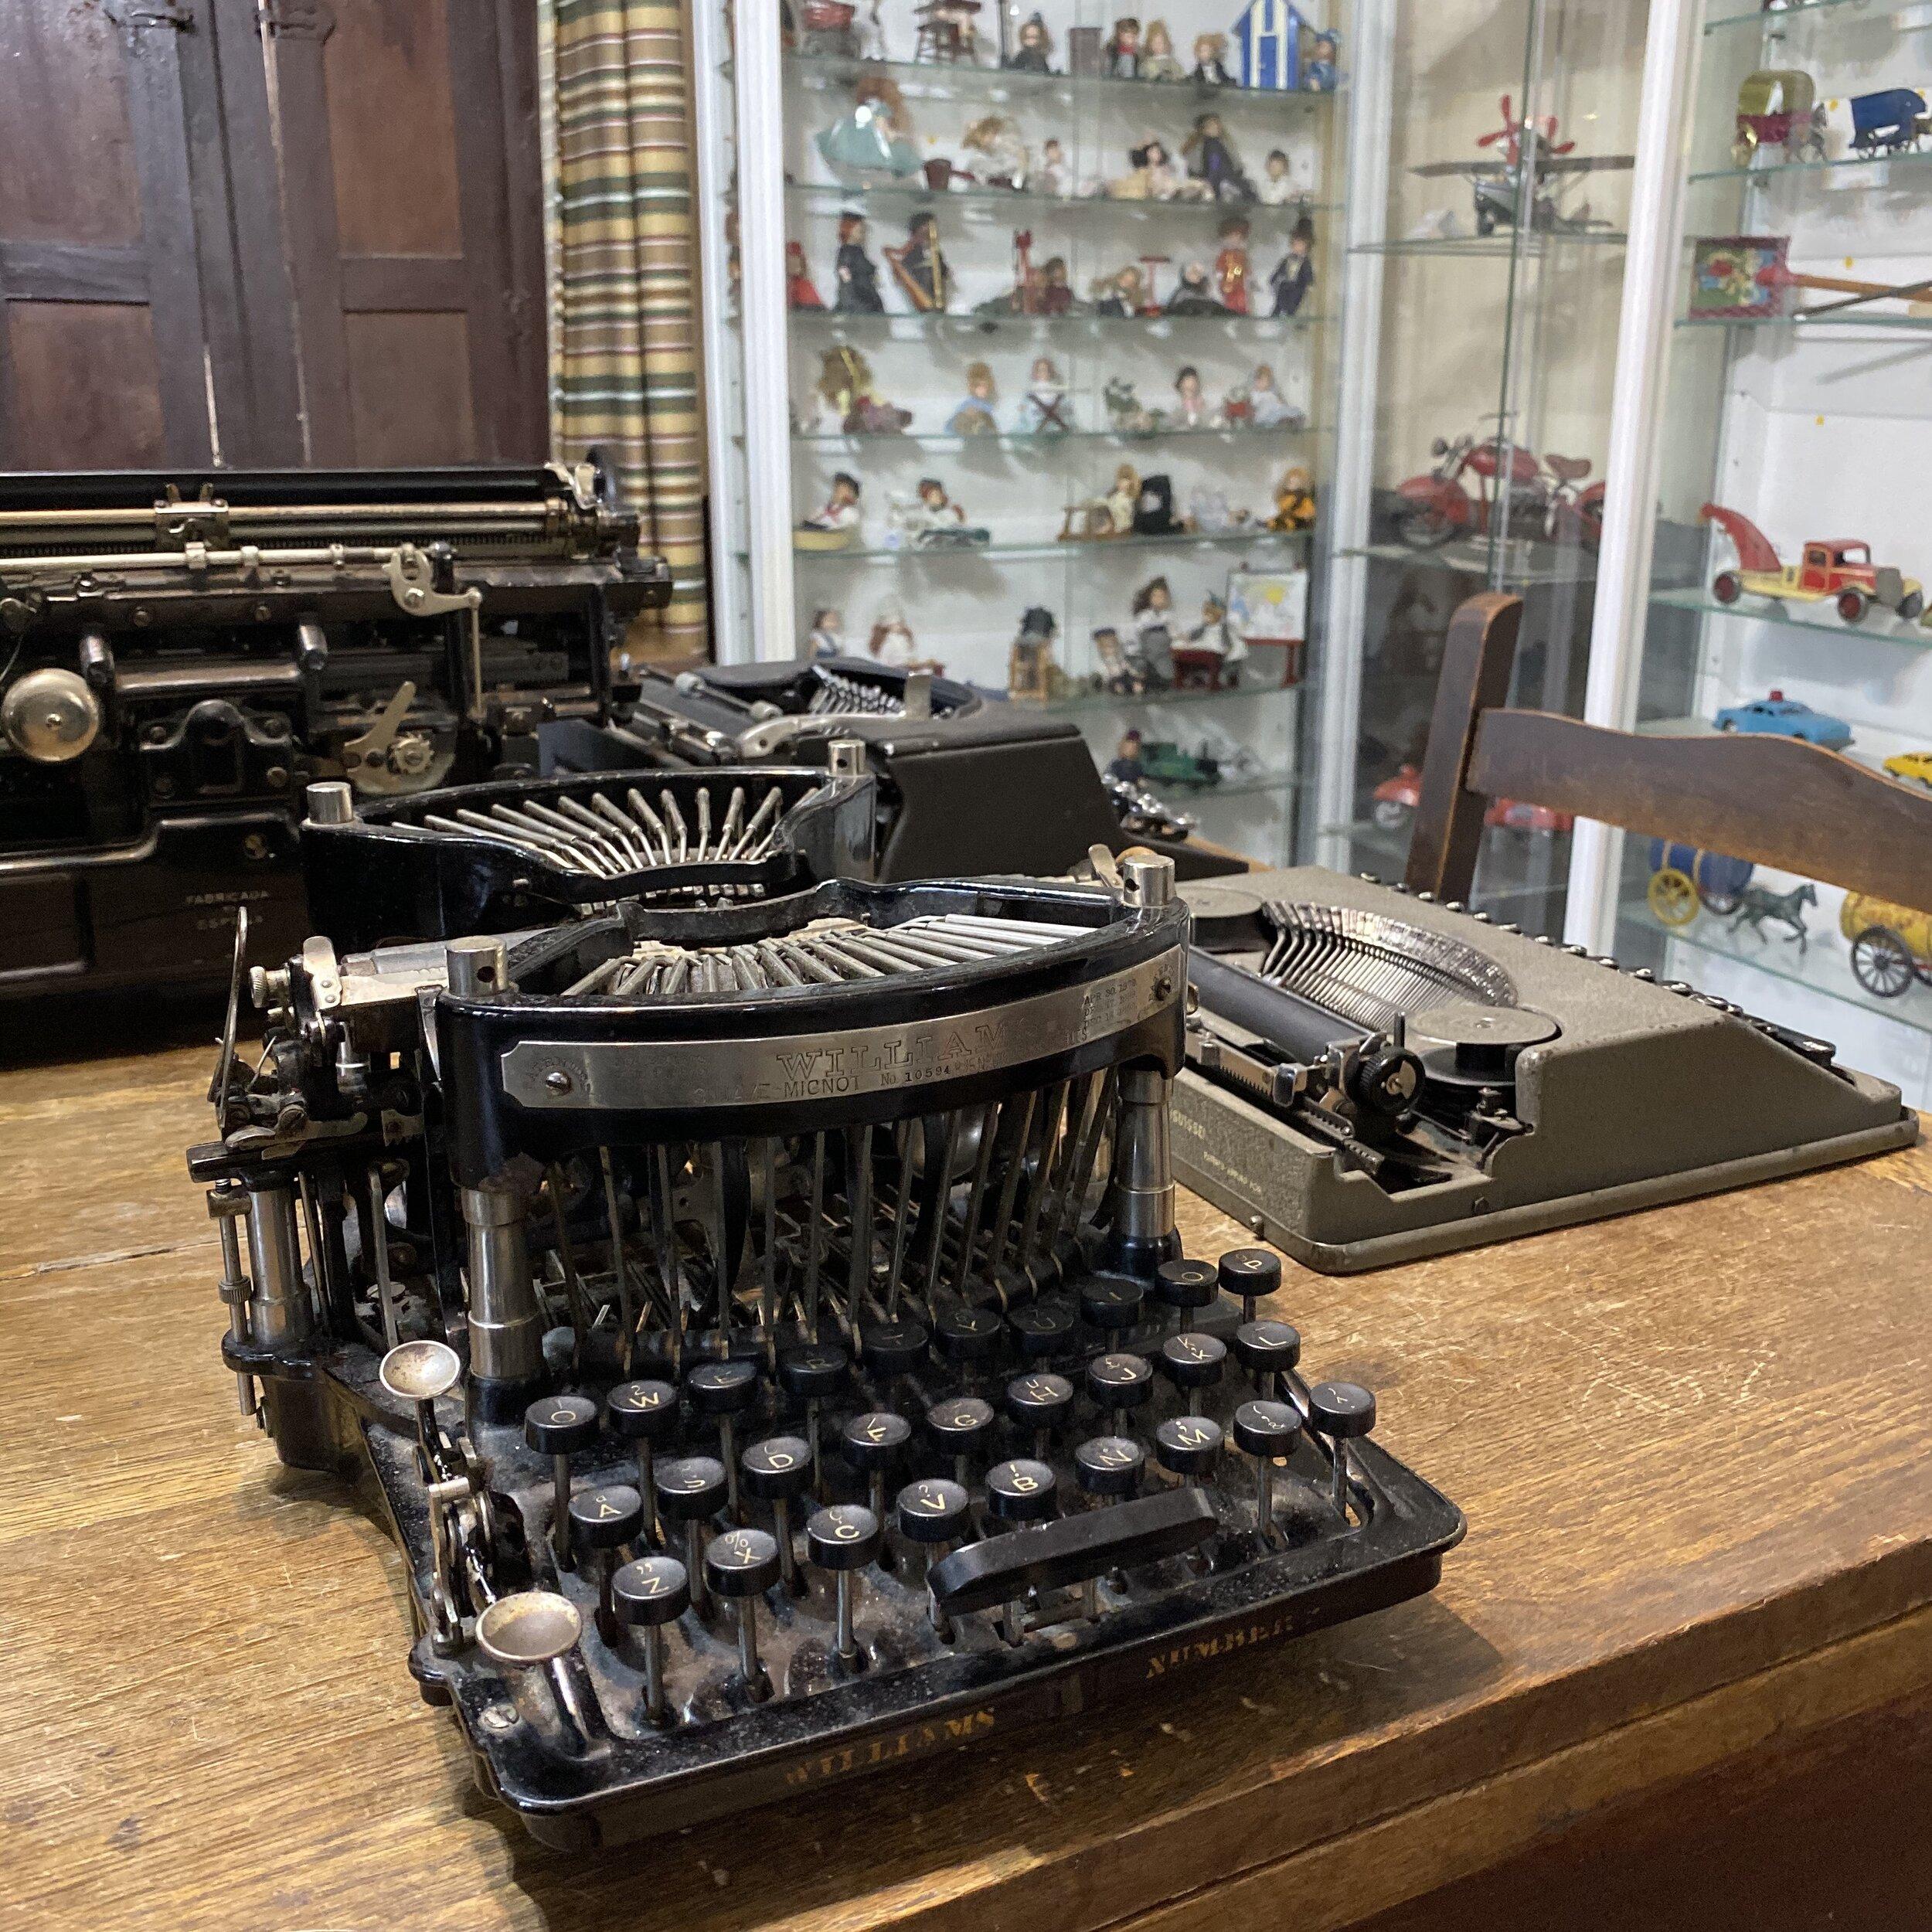 Máquinas de escribir en el Museo de Juguetes de Hojalata.